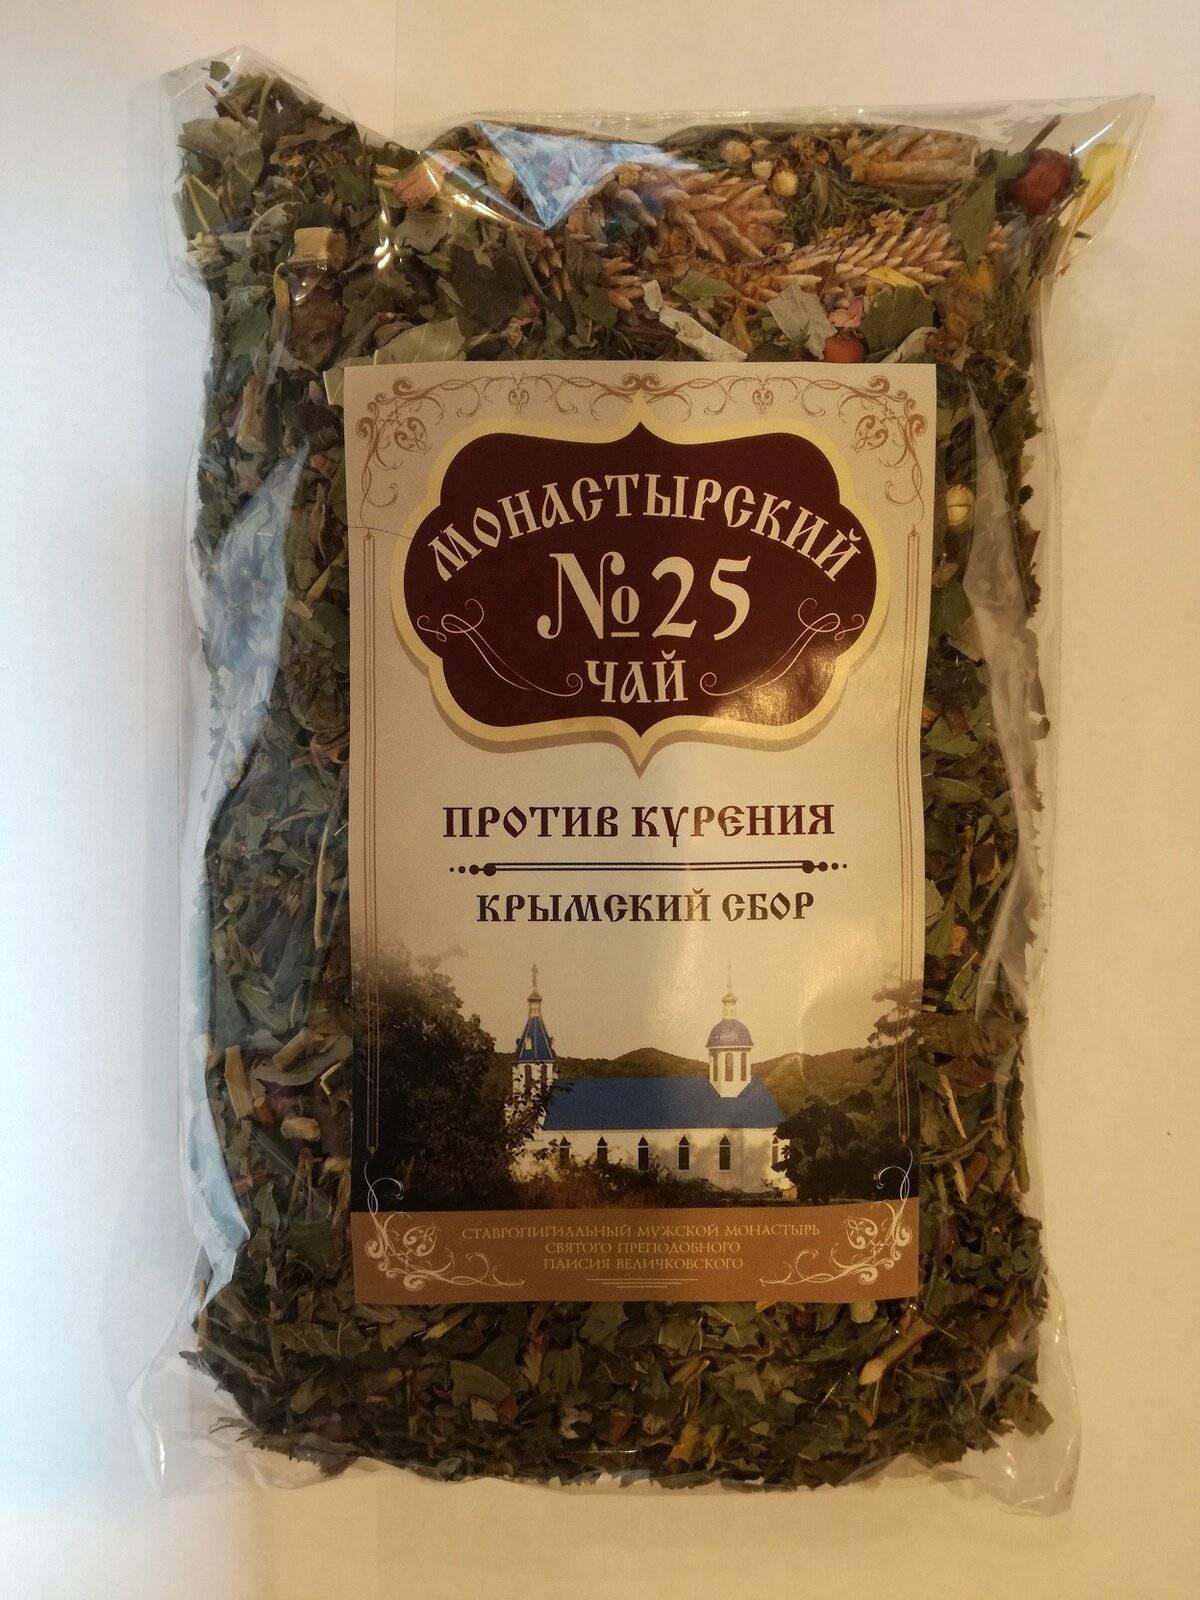 Монастырский чай от курения: состав, особенности применения, разновидности, отзывы